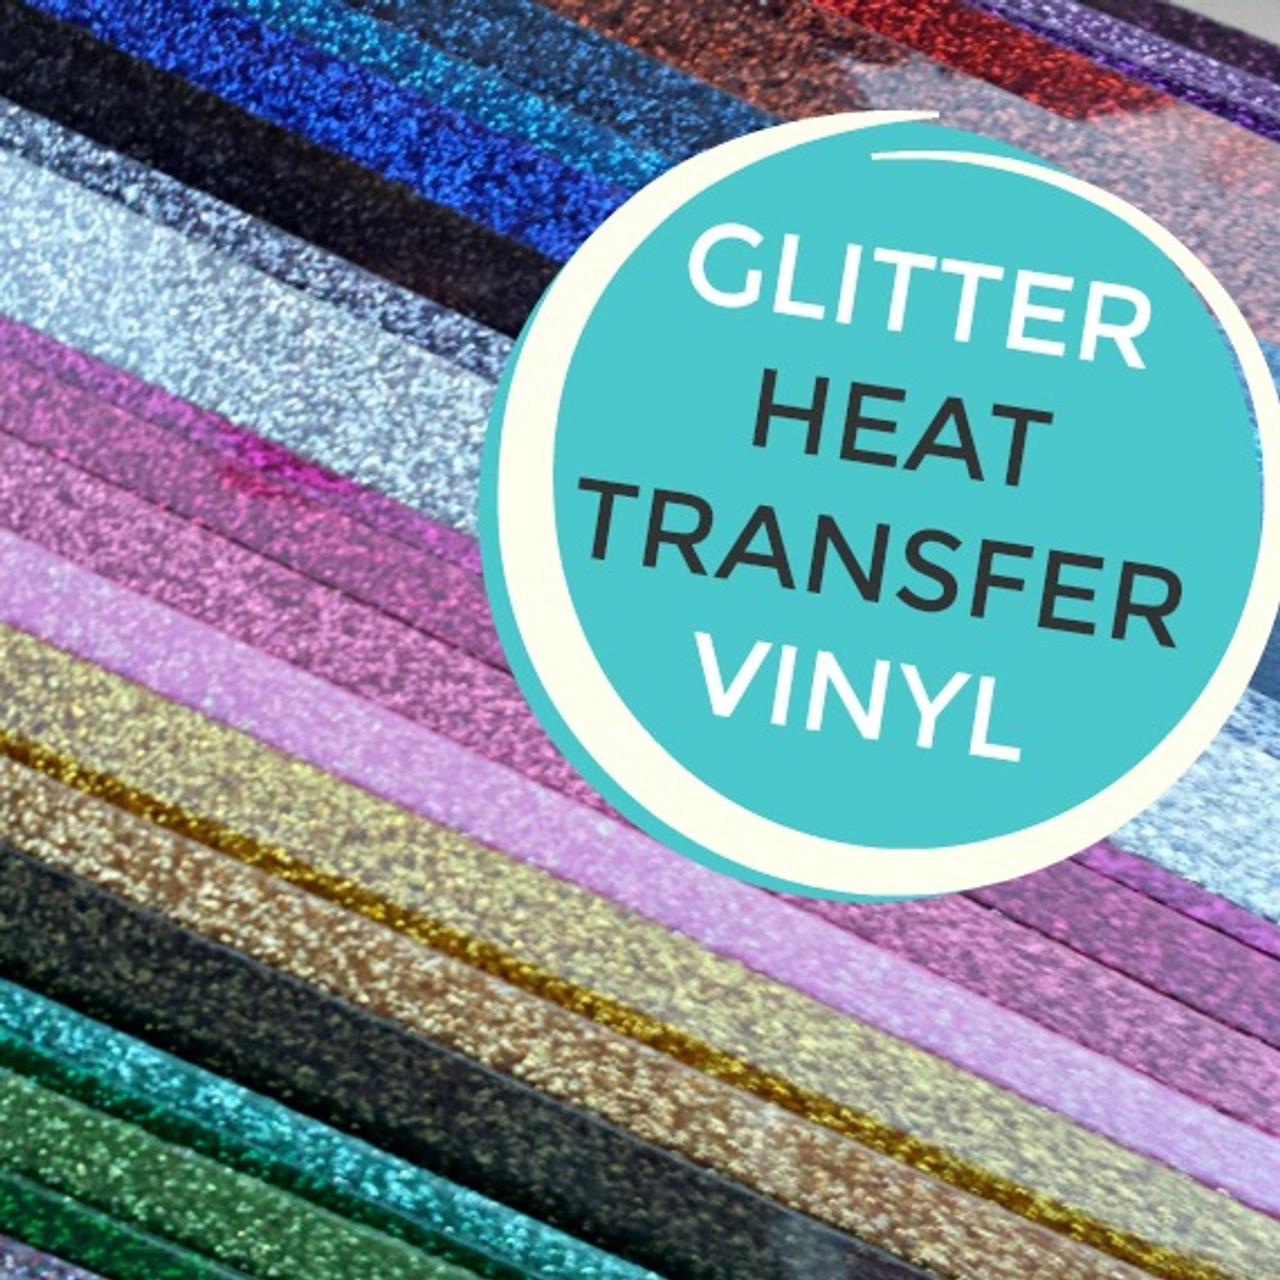 Siser Glitter Heat Transfer Vinyl My Vinyl Direct